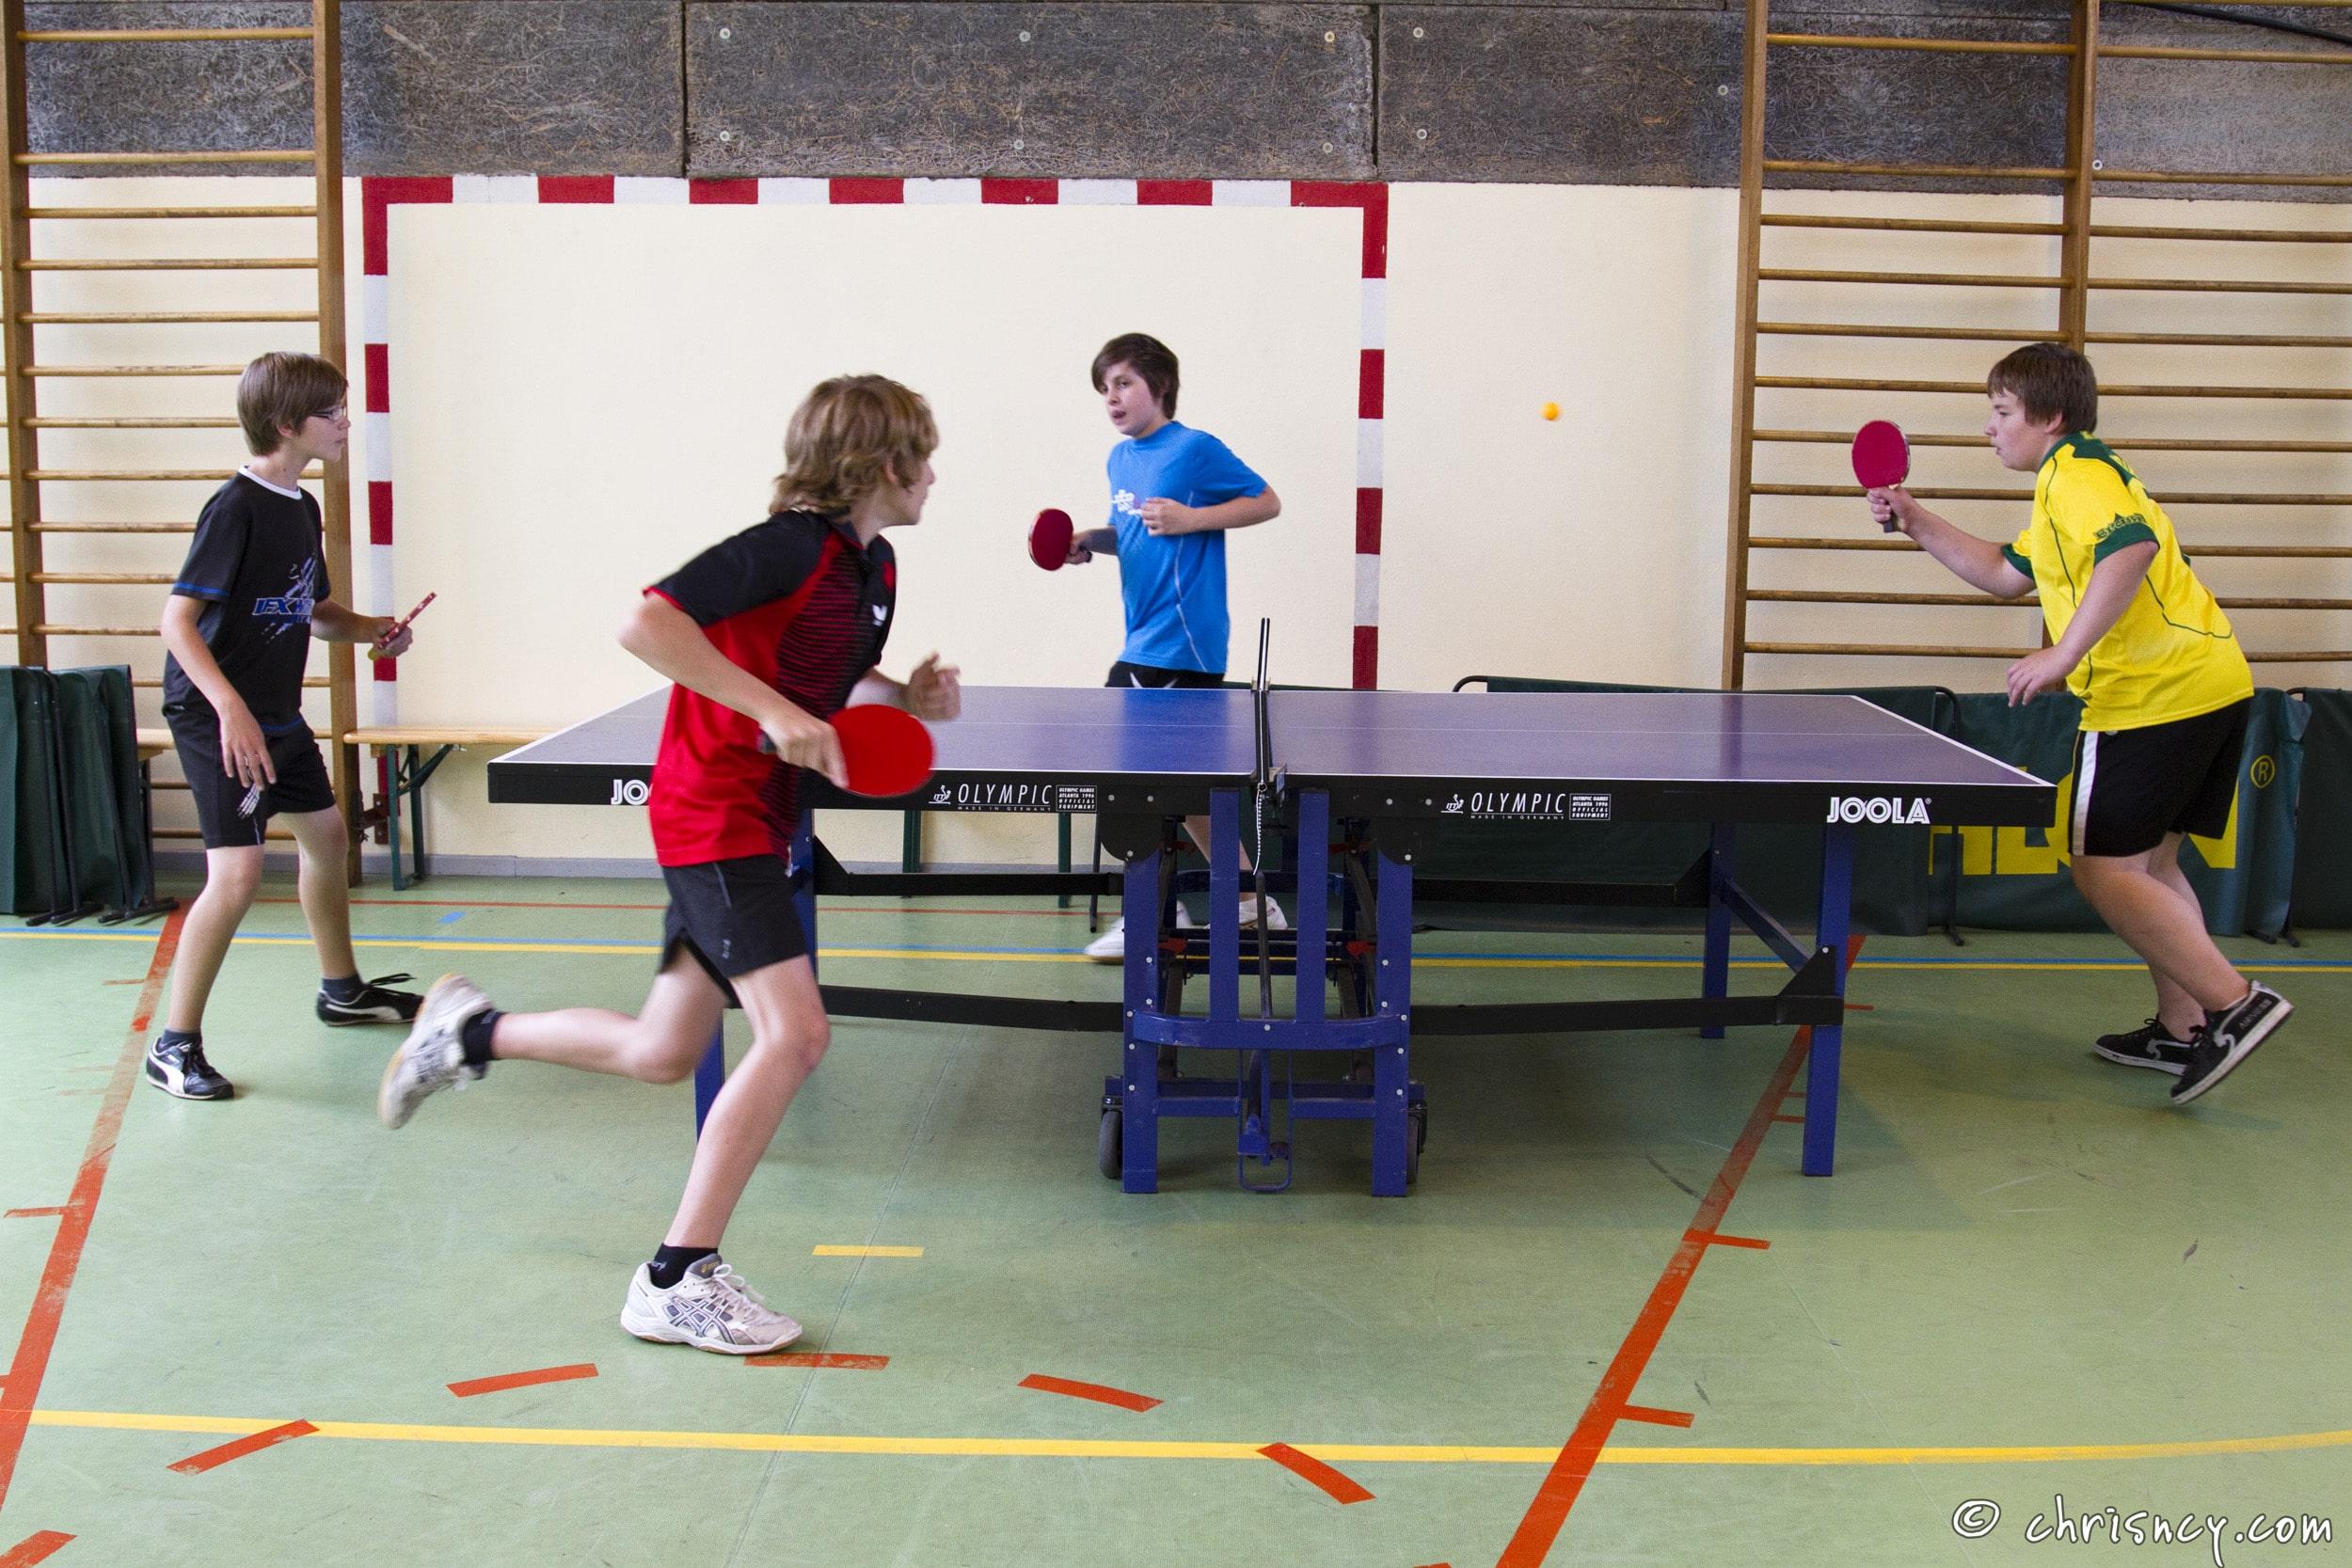 Quelles situations pour l'échauffement en tennis de table en EPS au collège?